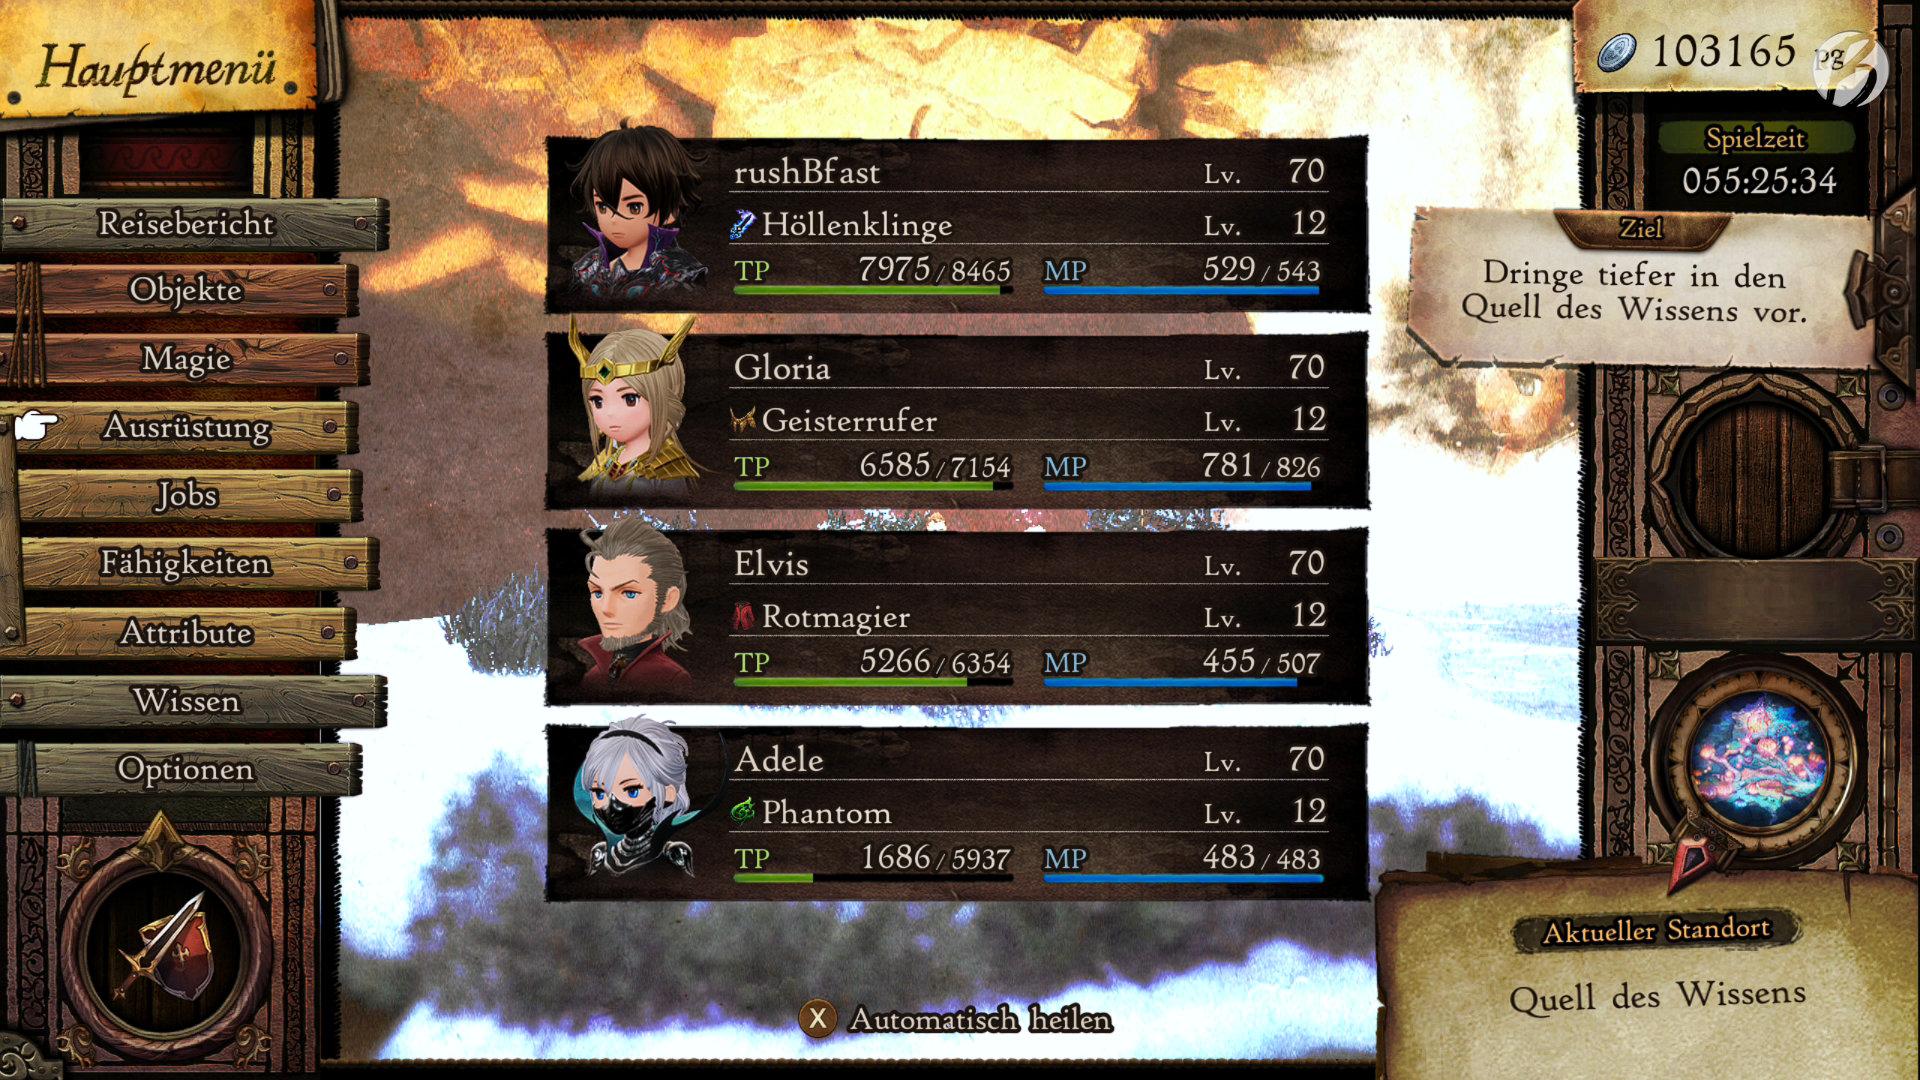 Bravely Default II - Ich liebe diesen »Automatisch heilen« Knopf am unteren Bildschirmrand.